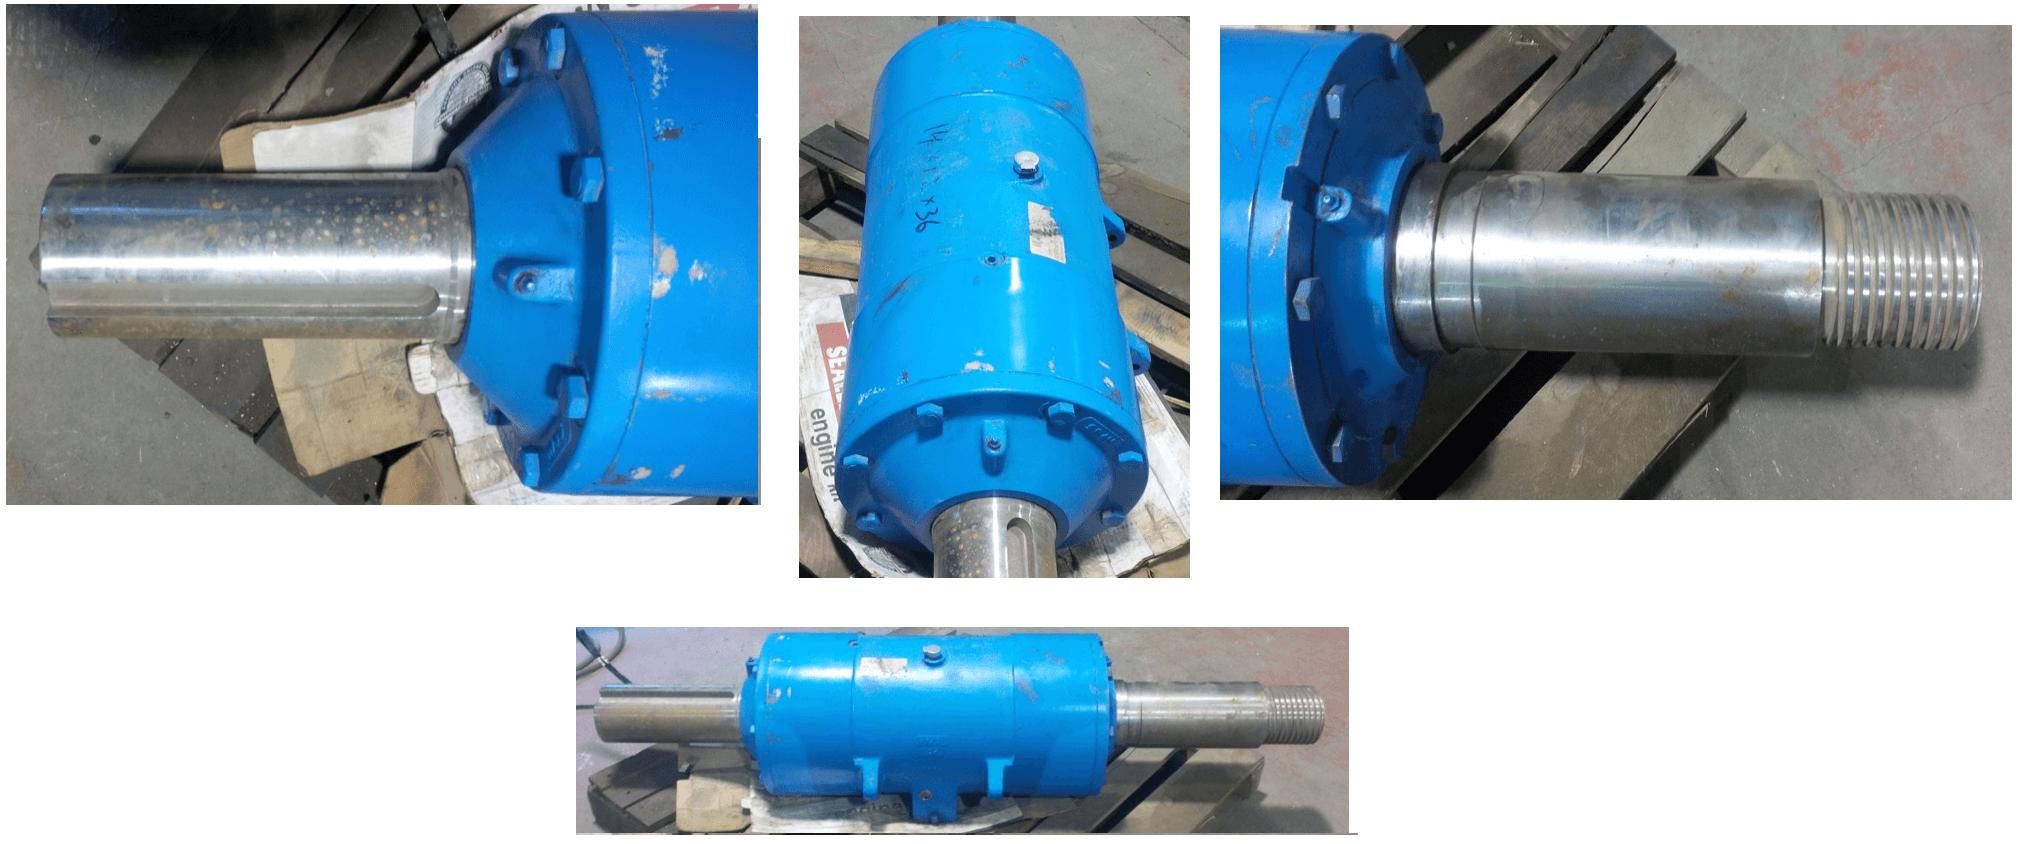 srl pump barrel assembly  u0026 key parts